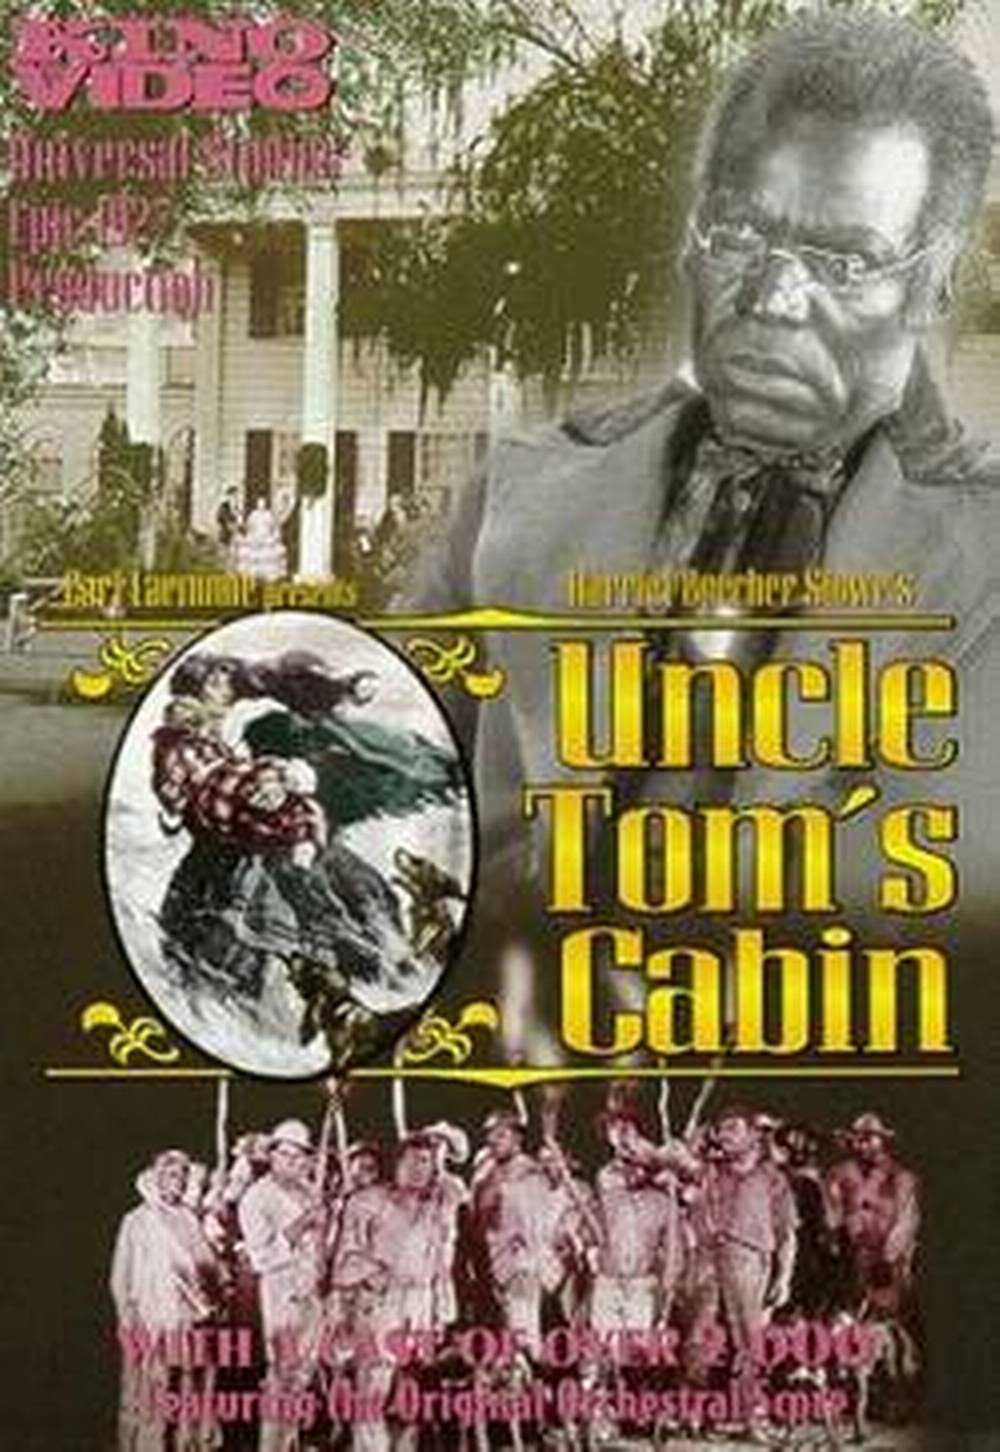 Hypermoderne Onkel Toms hytte - 1927 - Filmweb SH-41